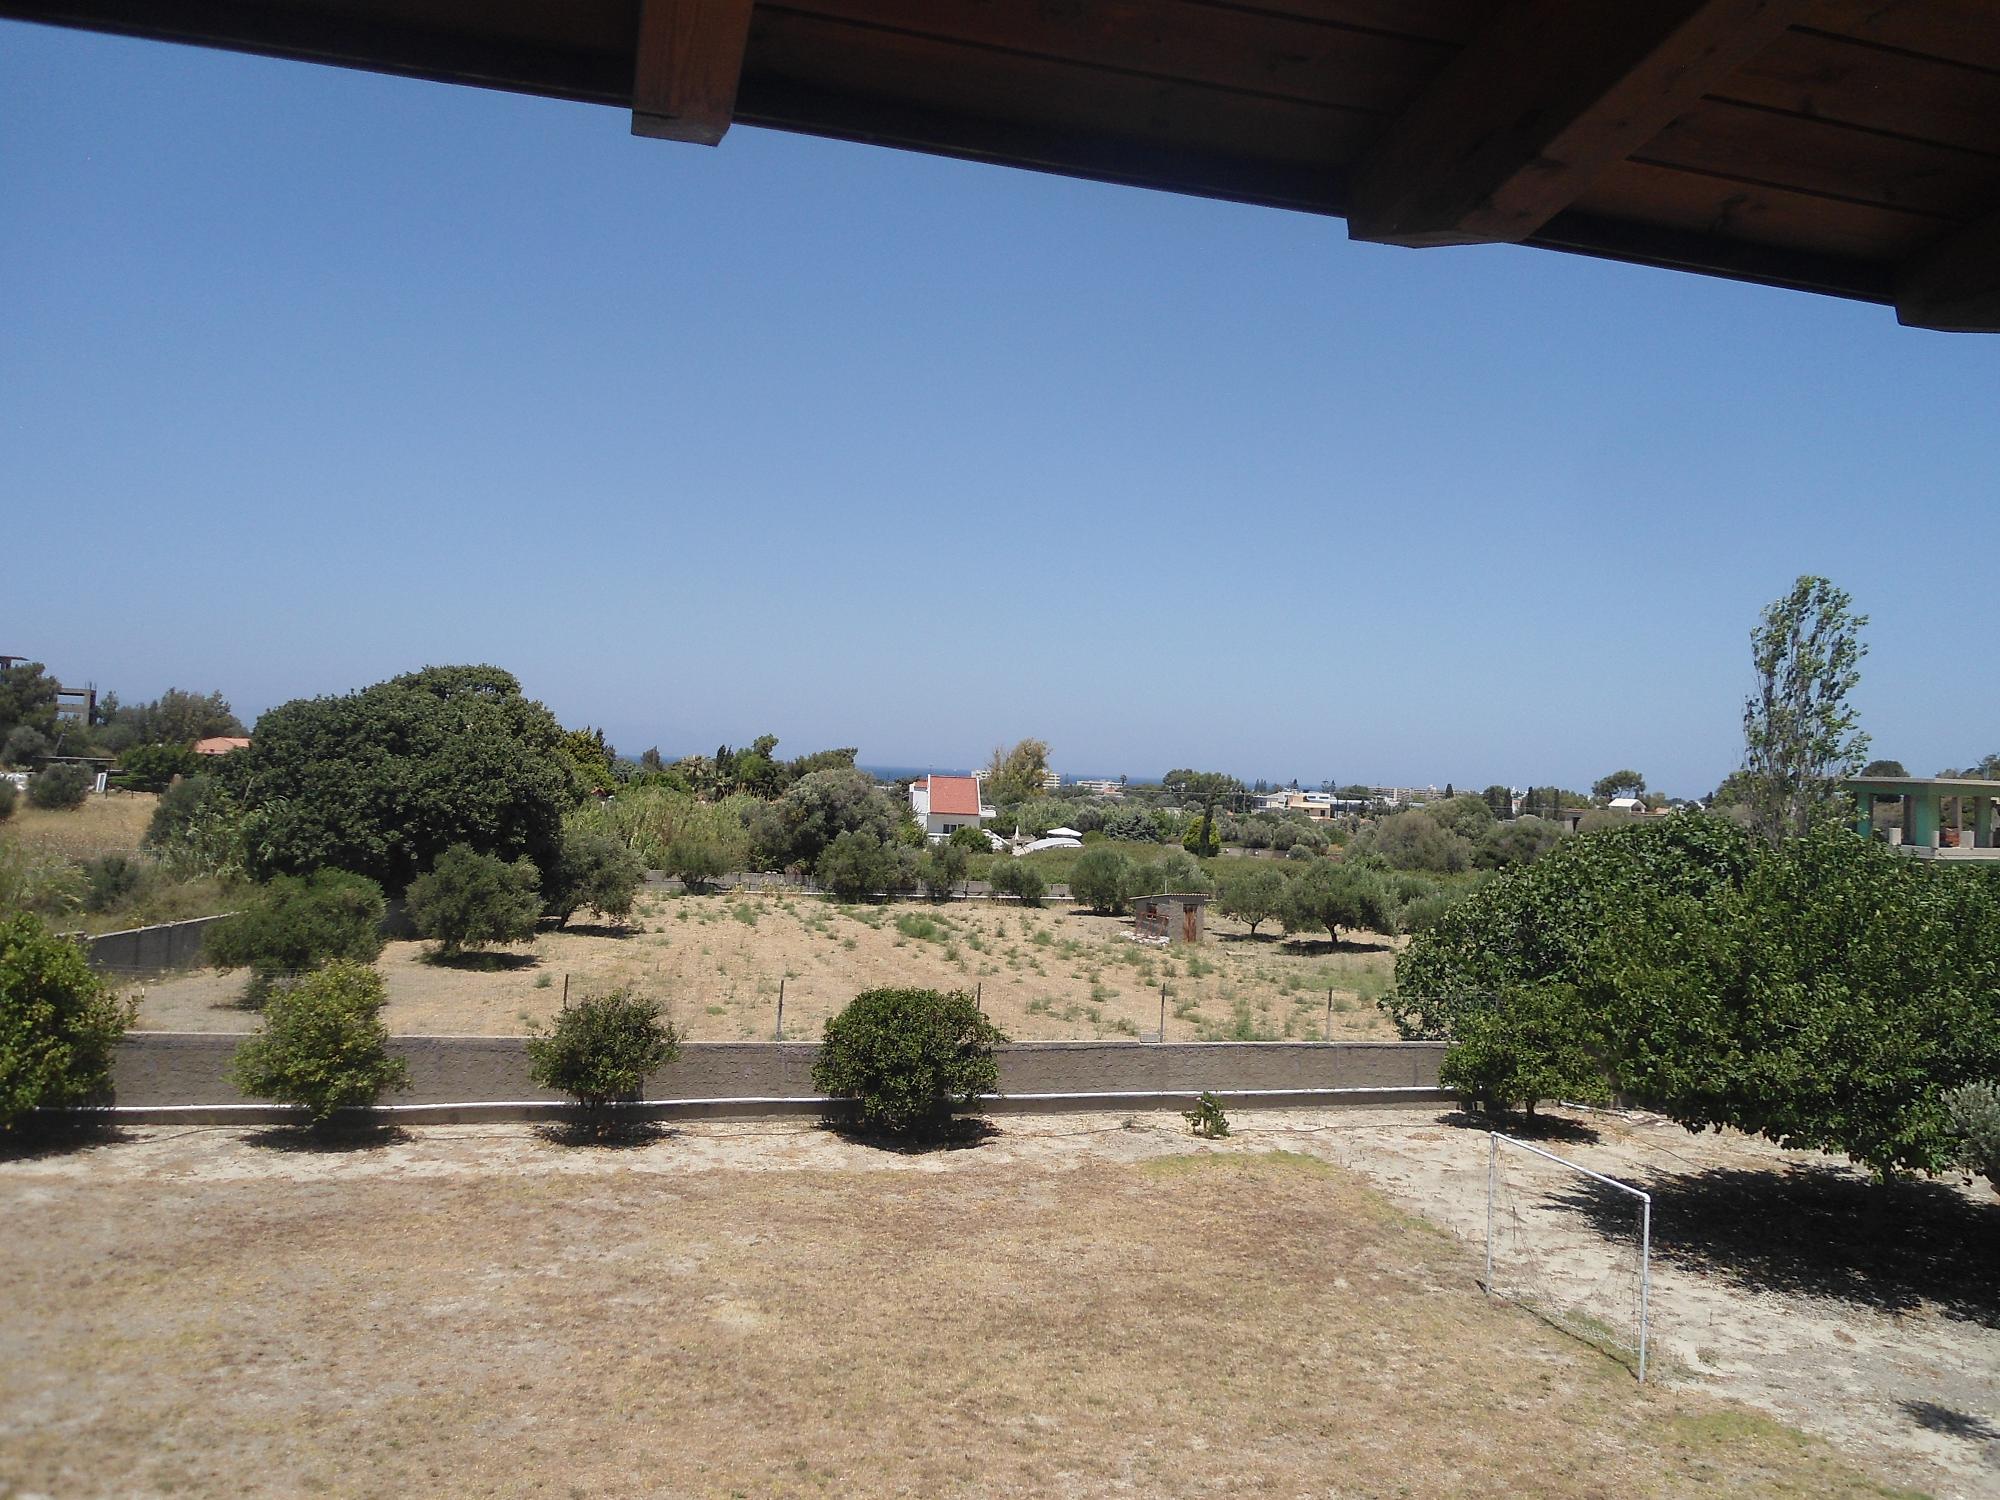 Διπλοκατοικία σε οικόπεδο 4 στρεμμάτων, Ιαλυσός, Ρόδος,KAS-99100